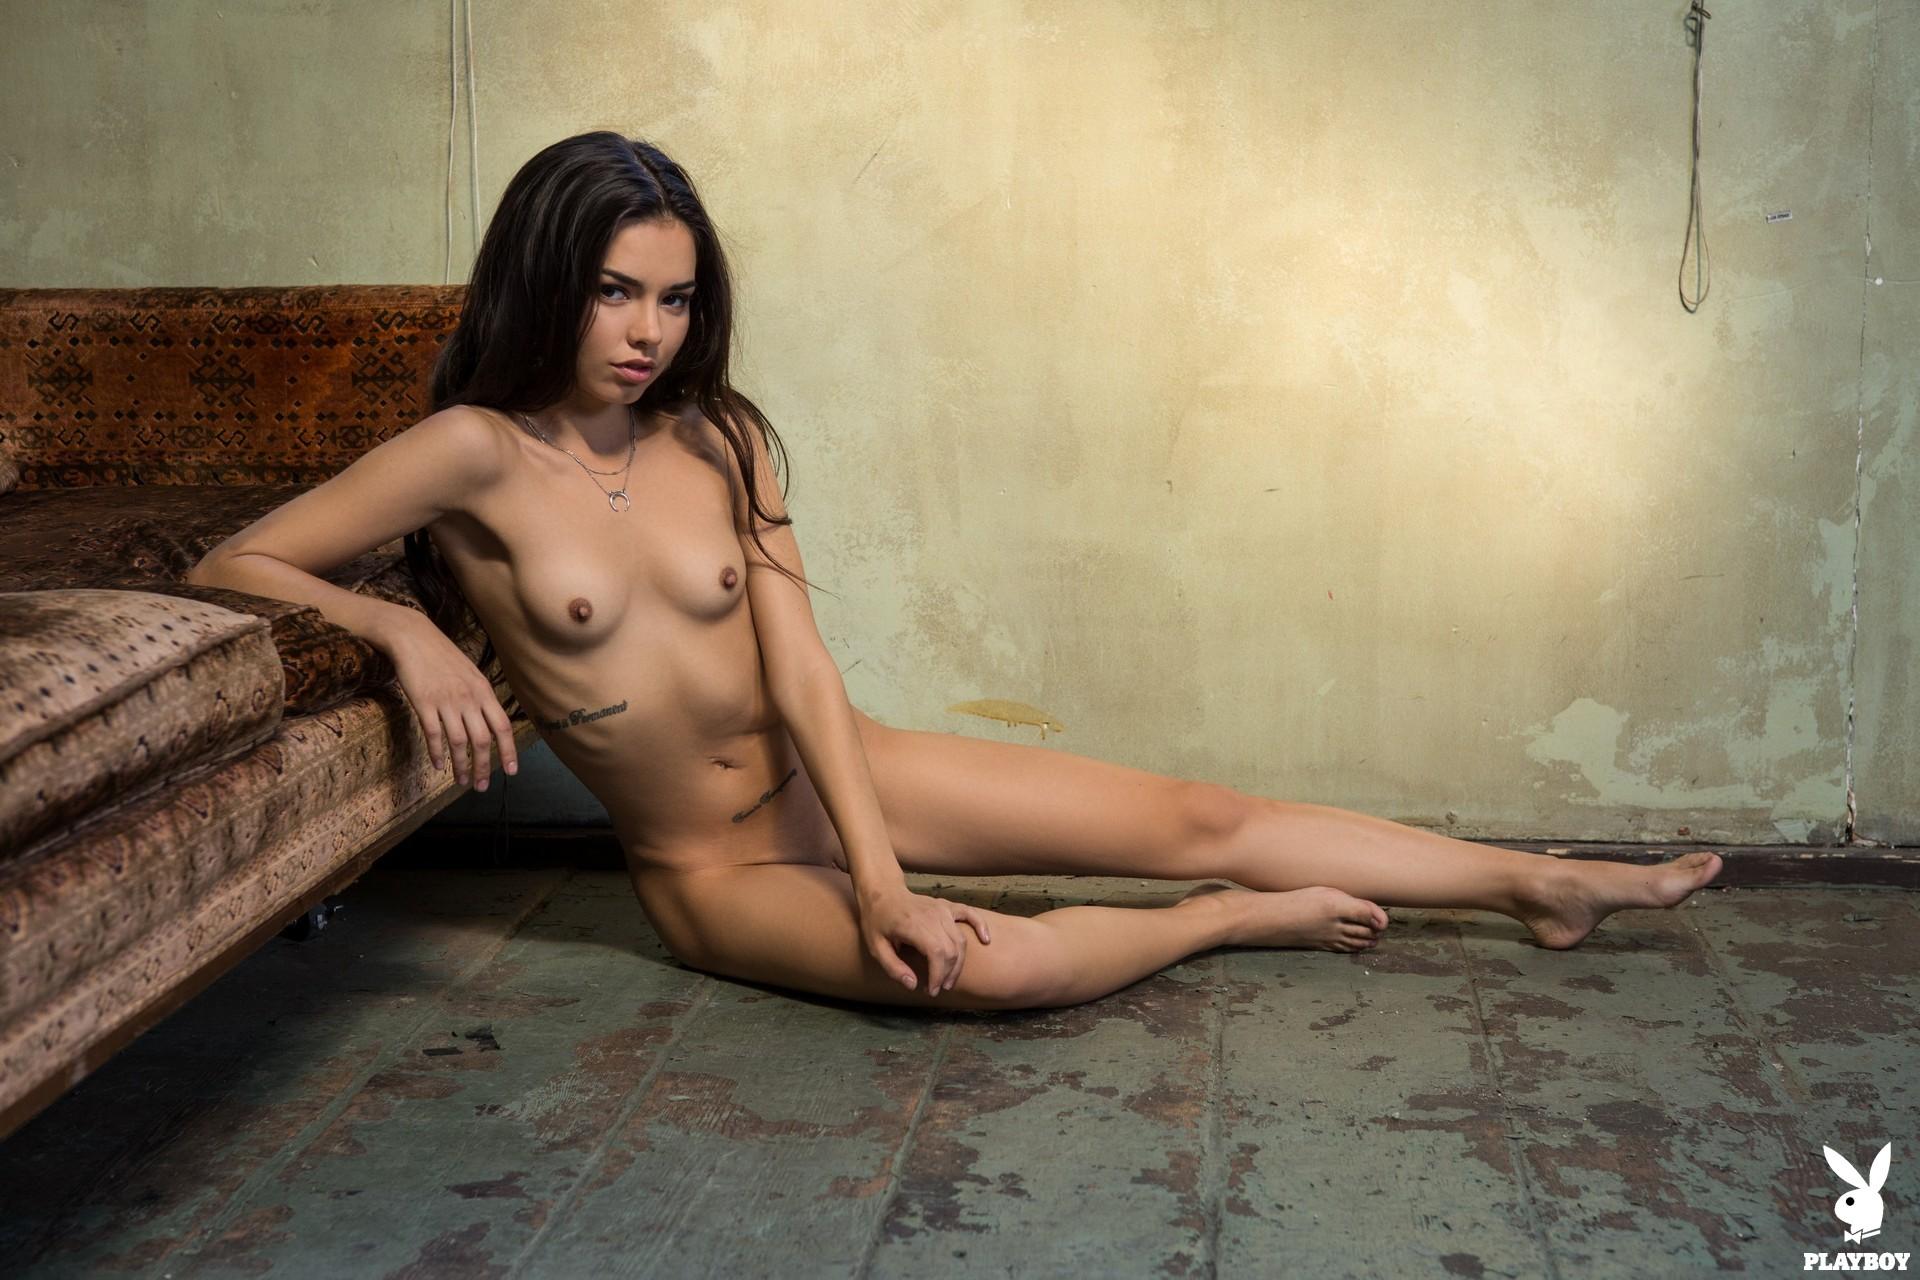 Dominique Gabrielle in Rustic Seduction - Playboy Plus 14